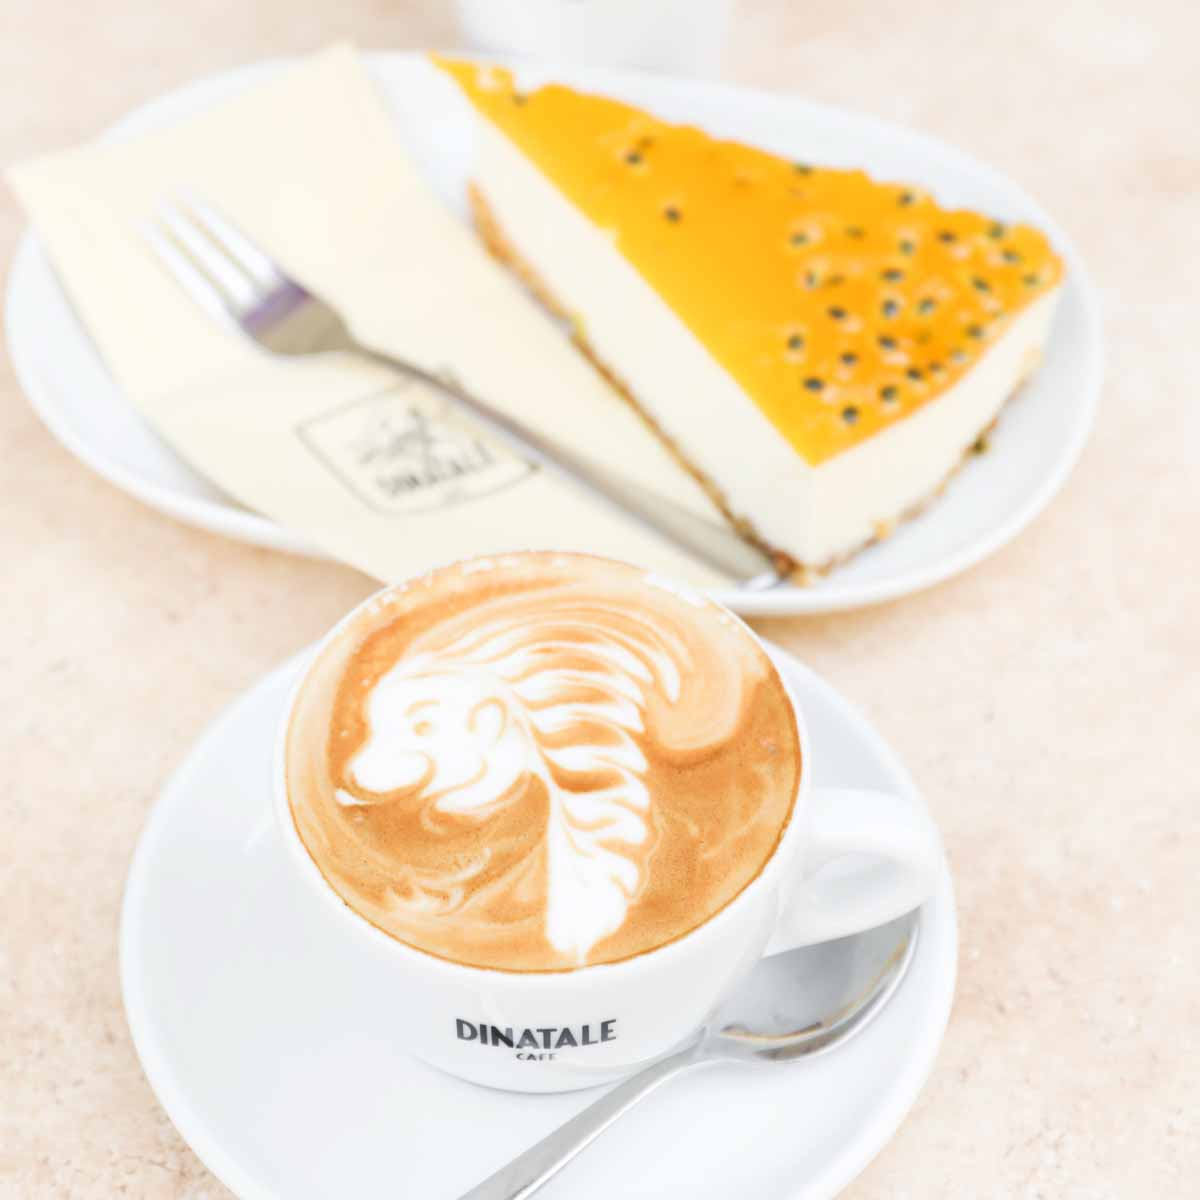 Dinatale Café Bar in München